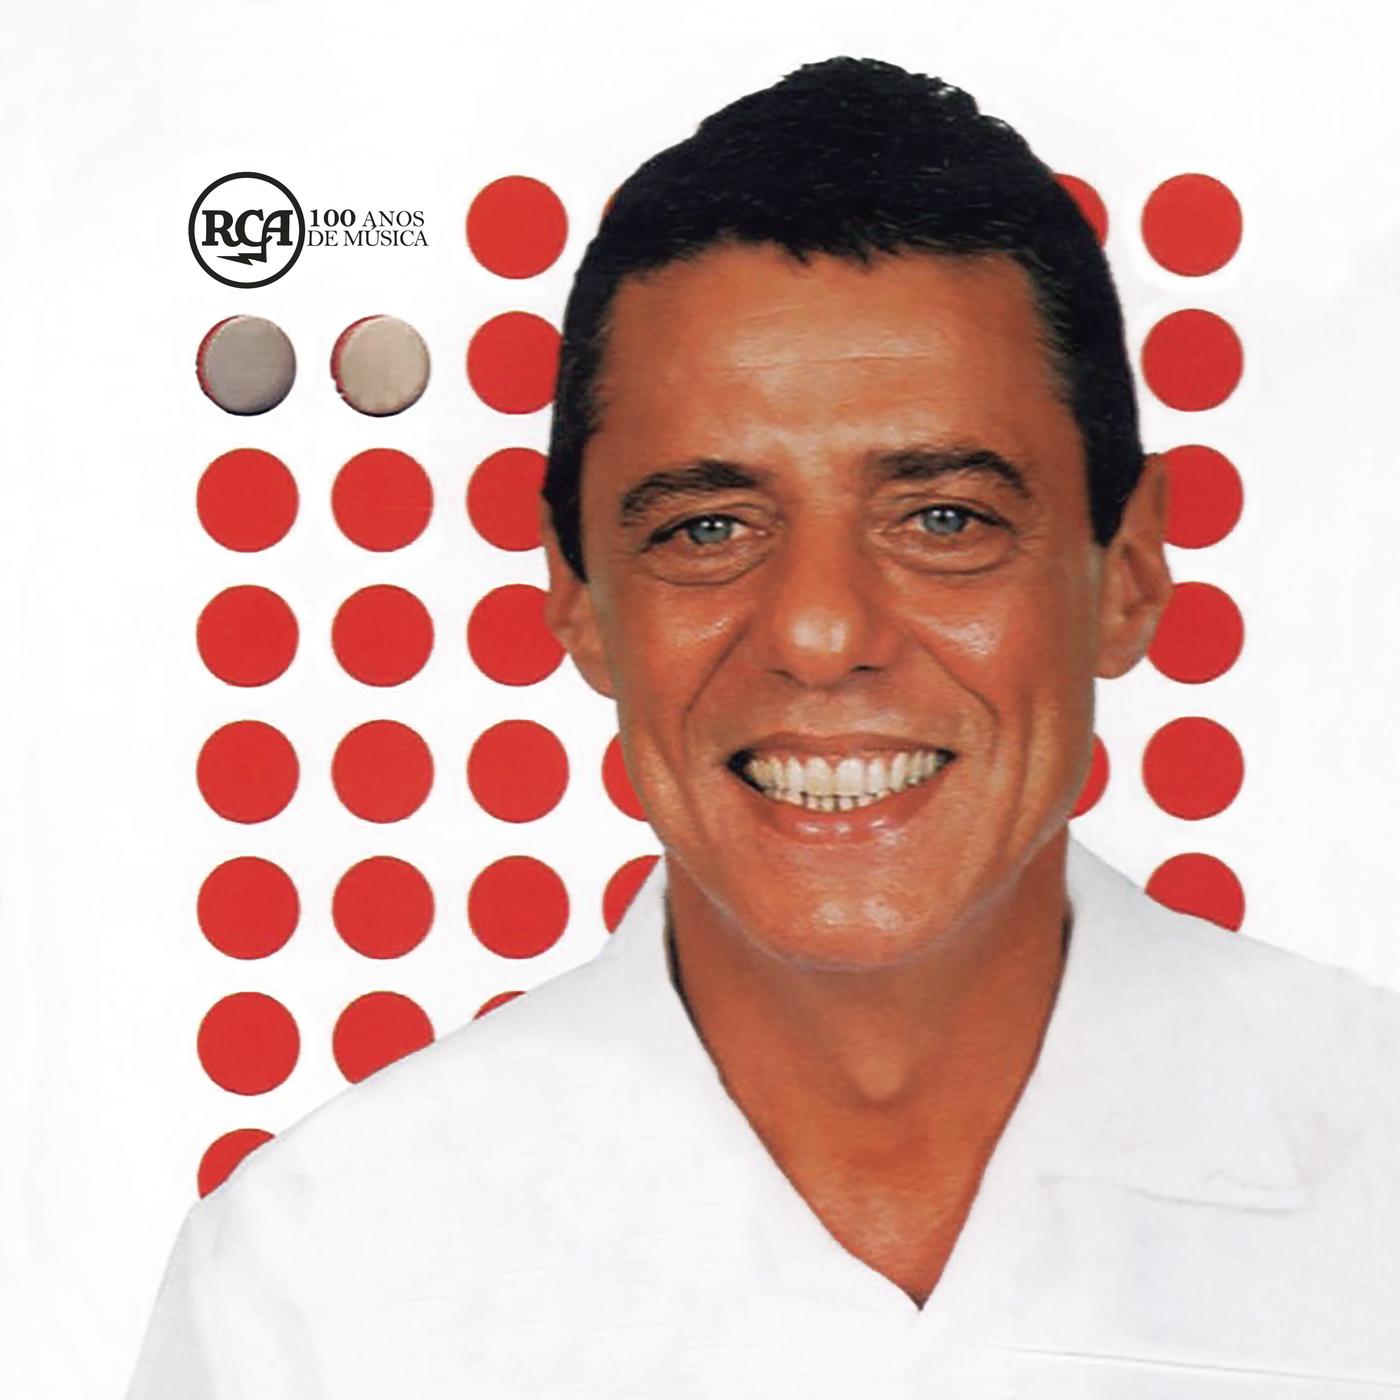 RCA 100 Anos De Musica - Chico Buarque